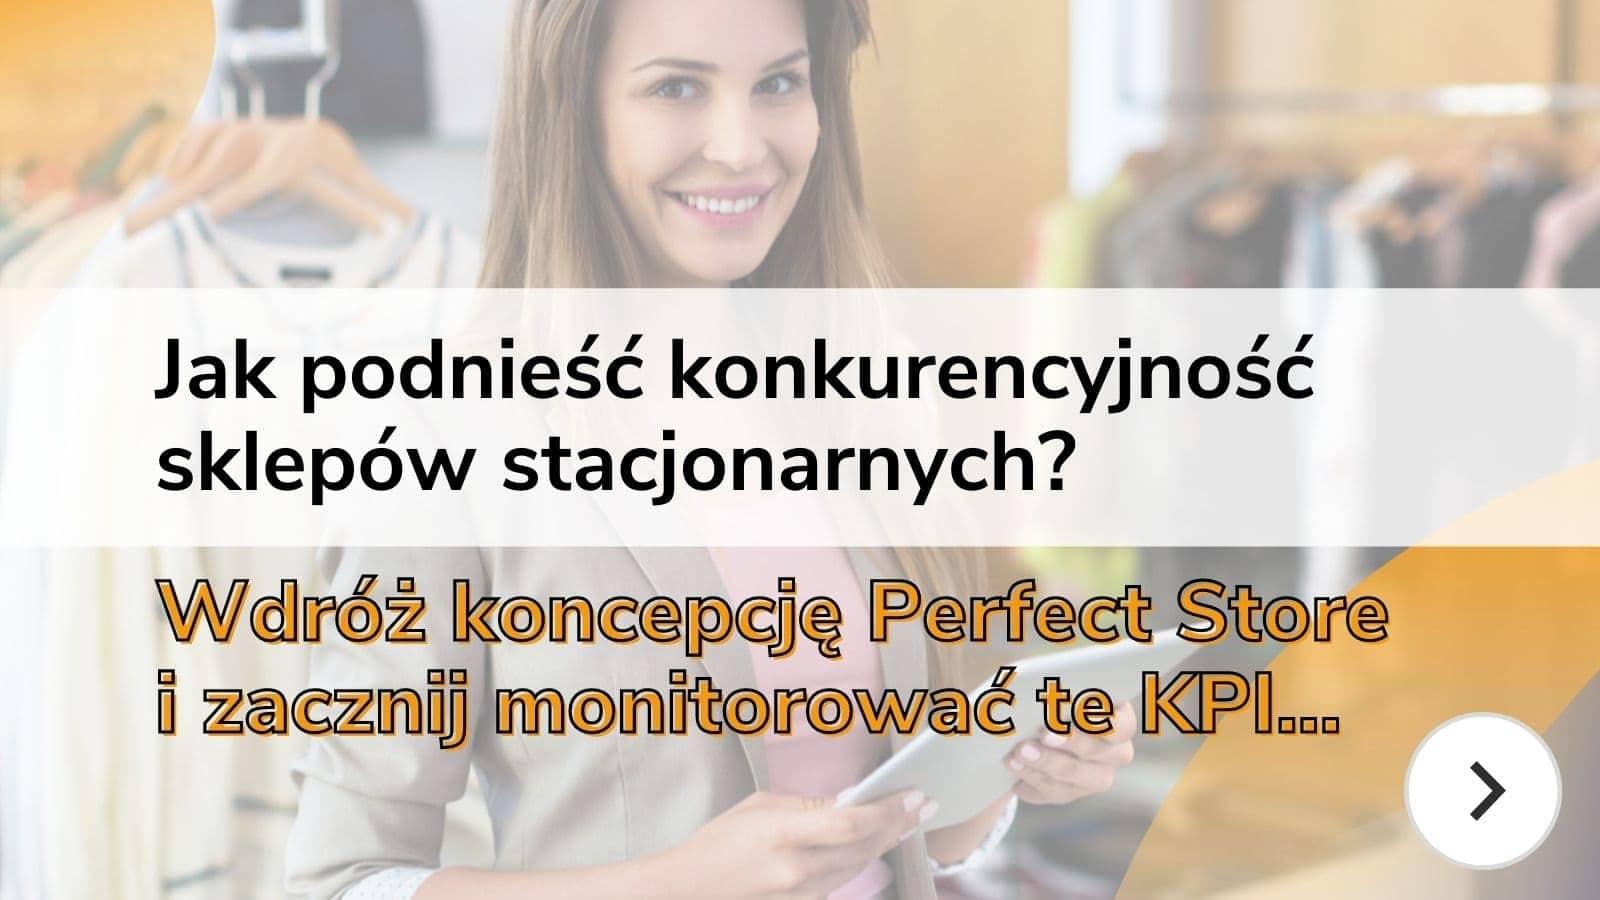 Zwiększyć konkurencyjność sklepu stacjonarnego Perfect Store KPI